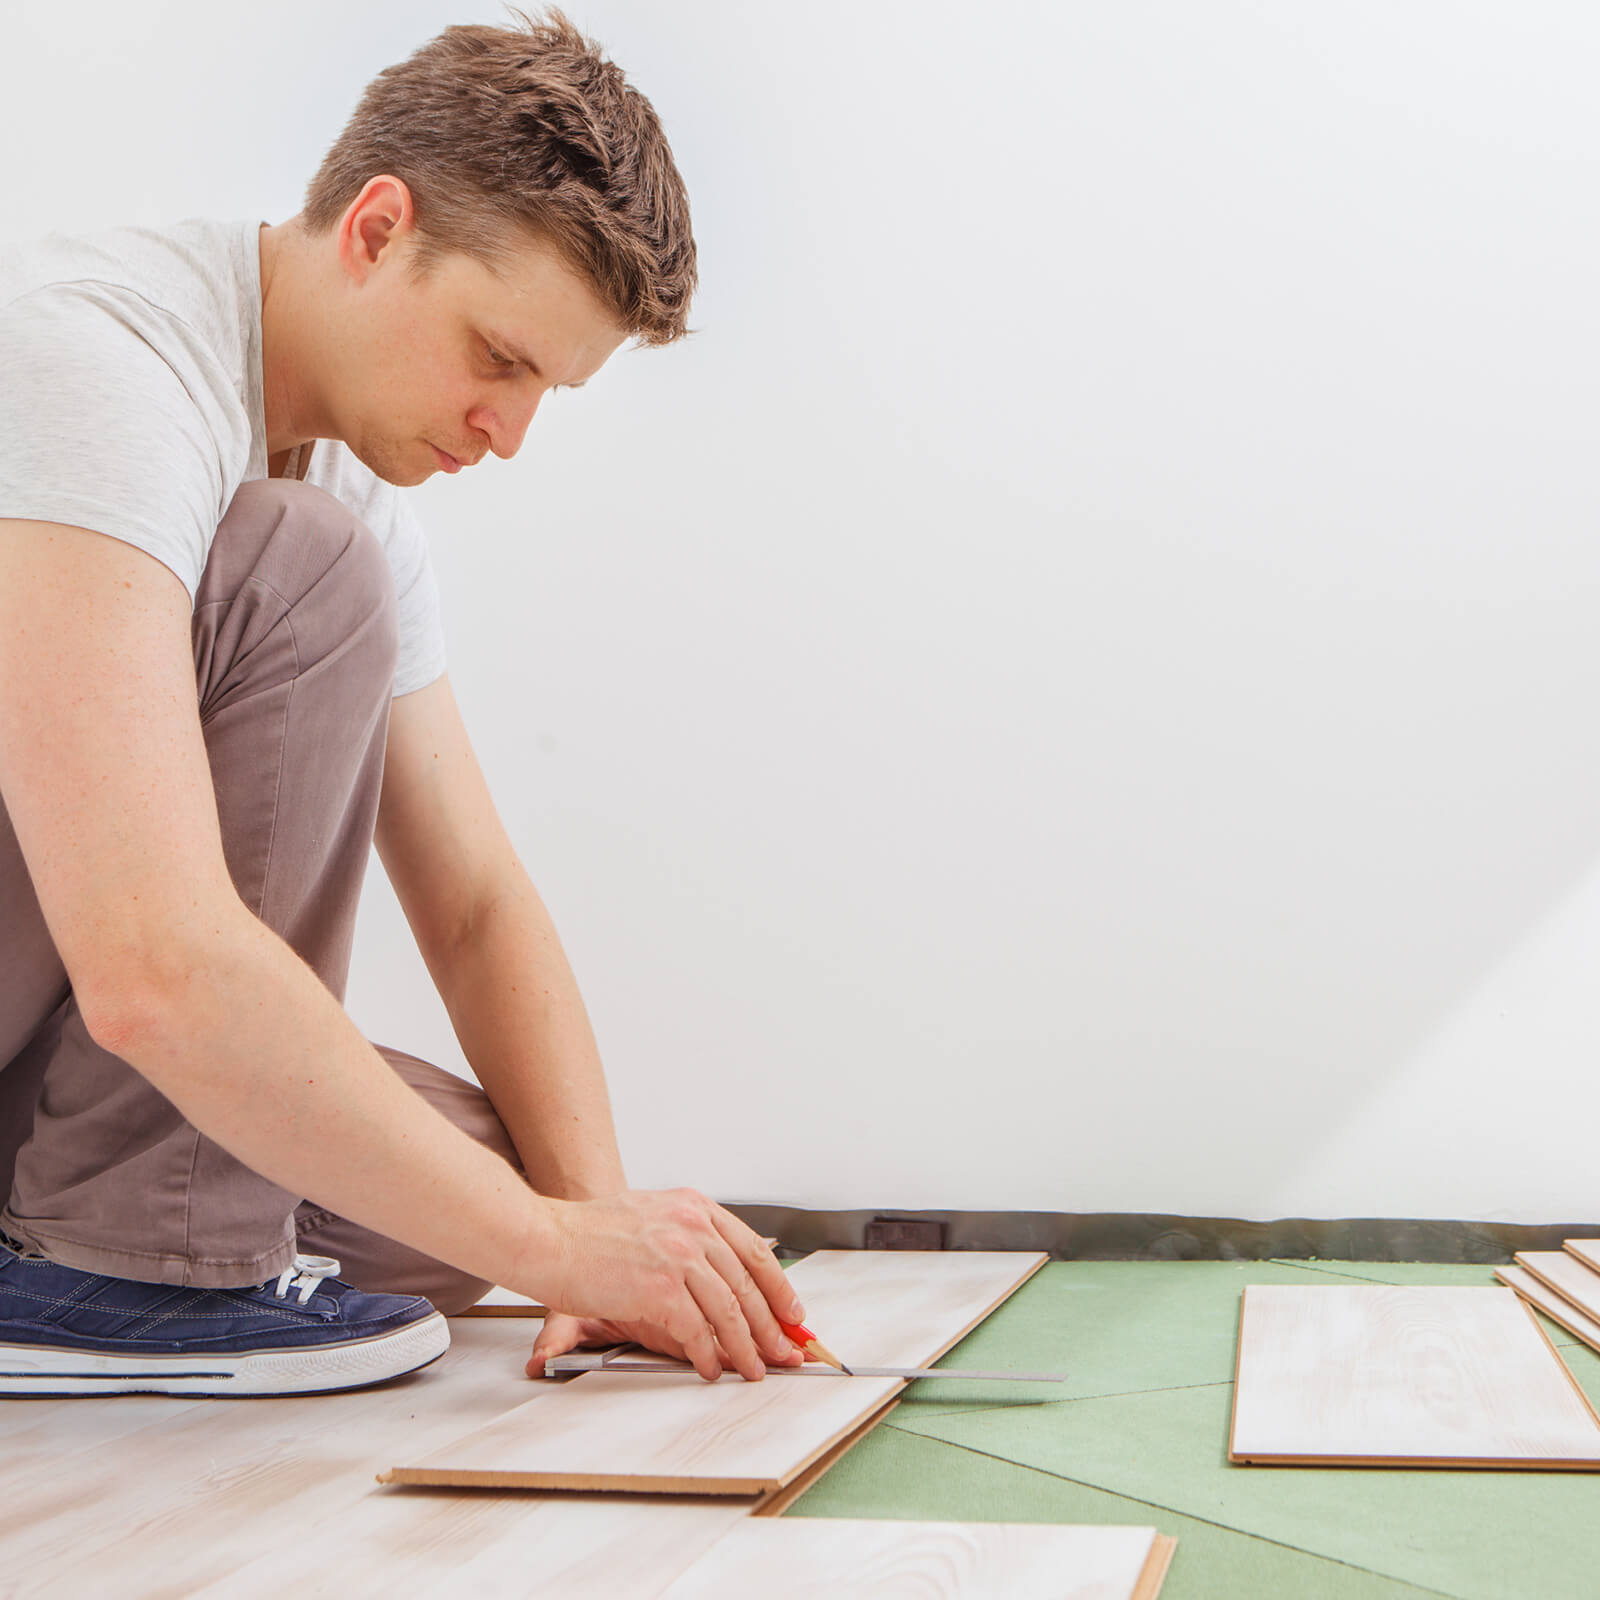 Vinyl installation | Elite Flooring and Interiors Inc